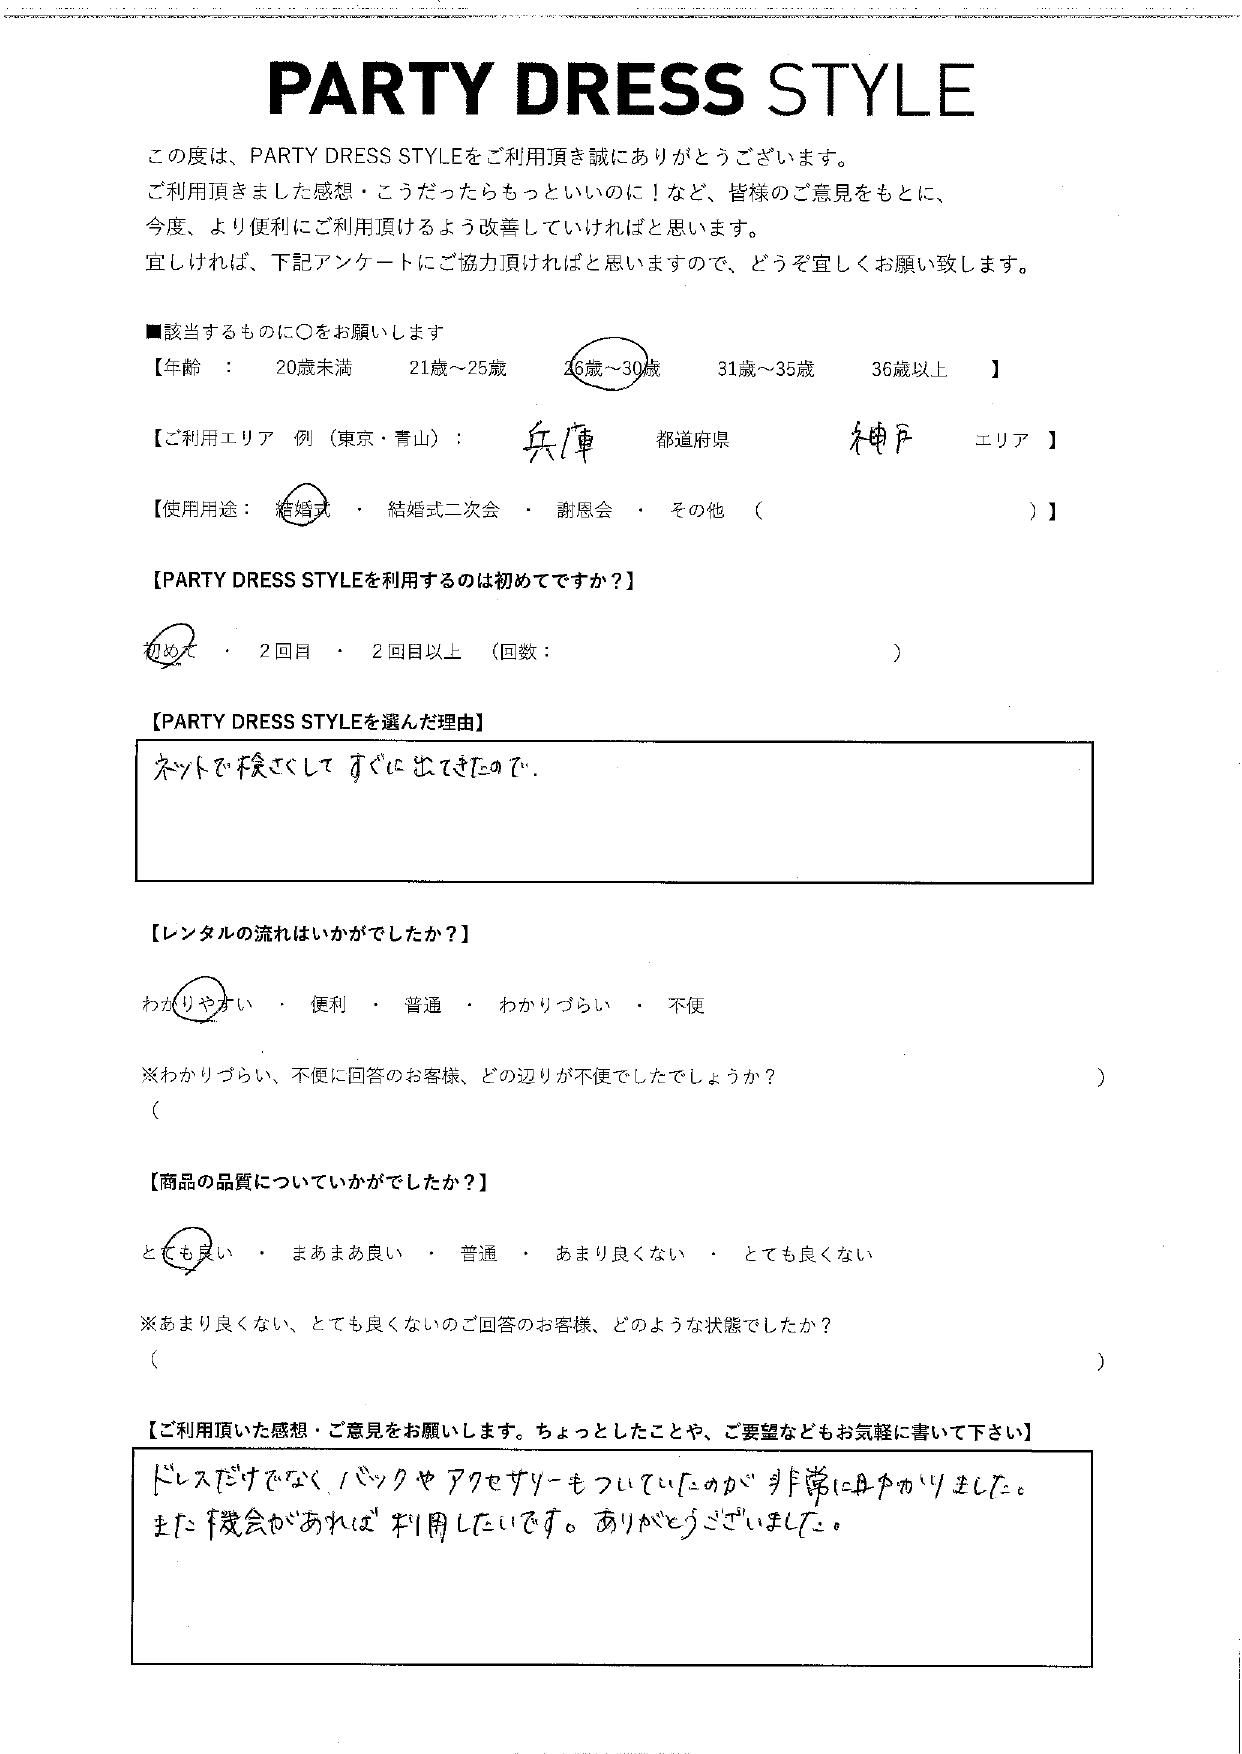 8/21結婚式ご利用 兵庫・神戸エリア